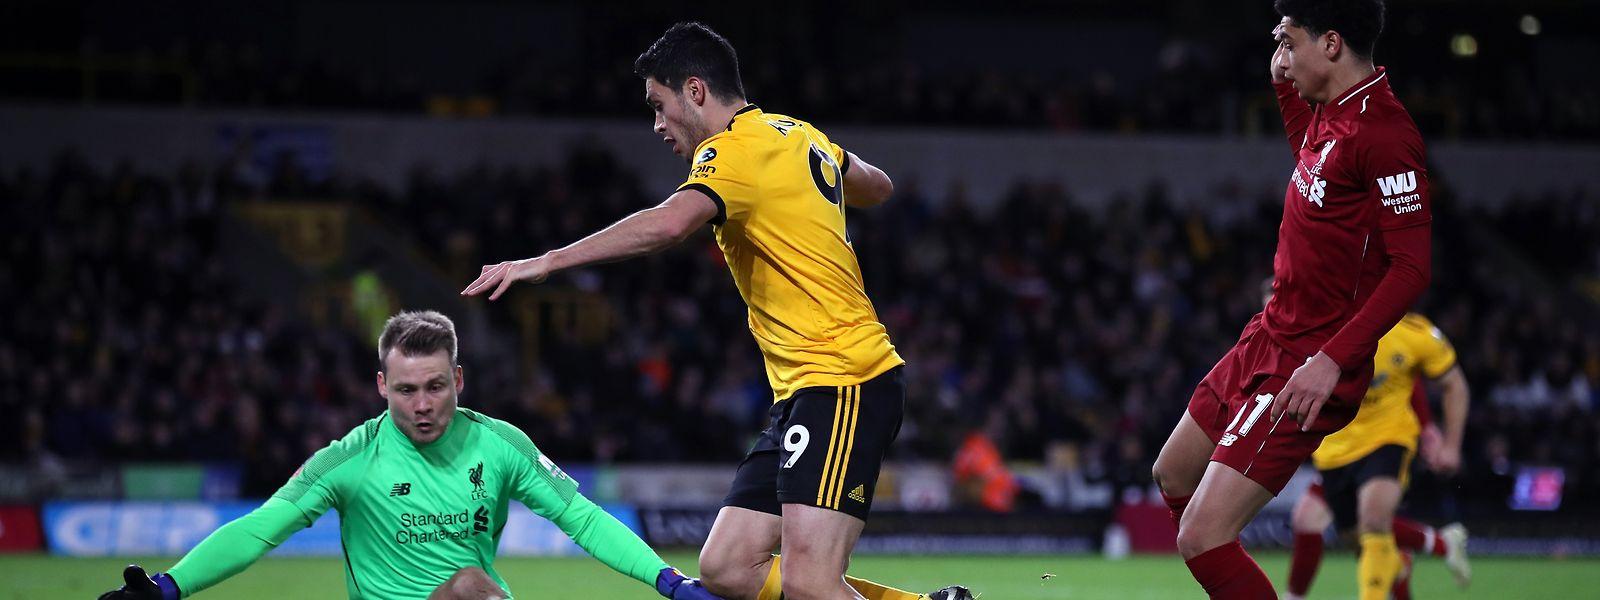 Raul Jimenez (M.) von Wolverhampton Wanderers in Aktion gegen den Liverpooler Torhüter Simon Mignolet.